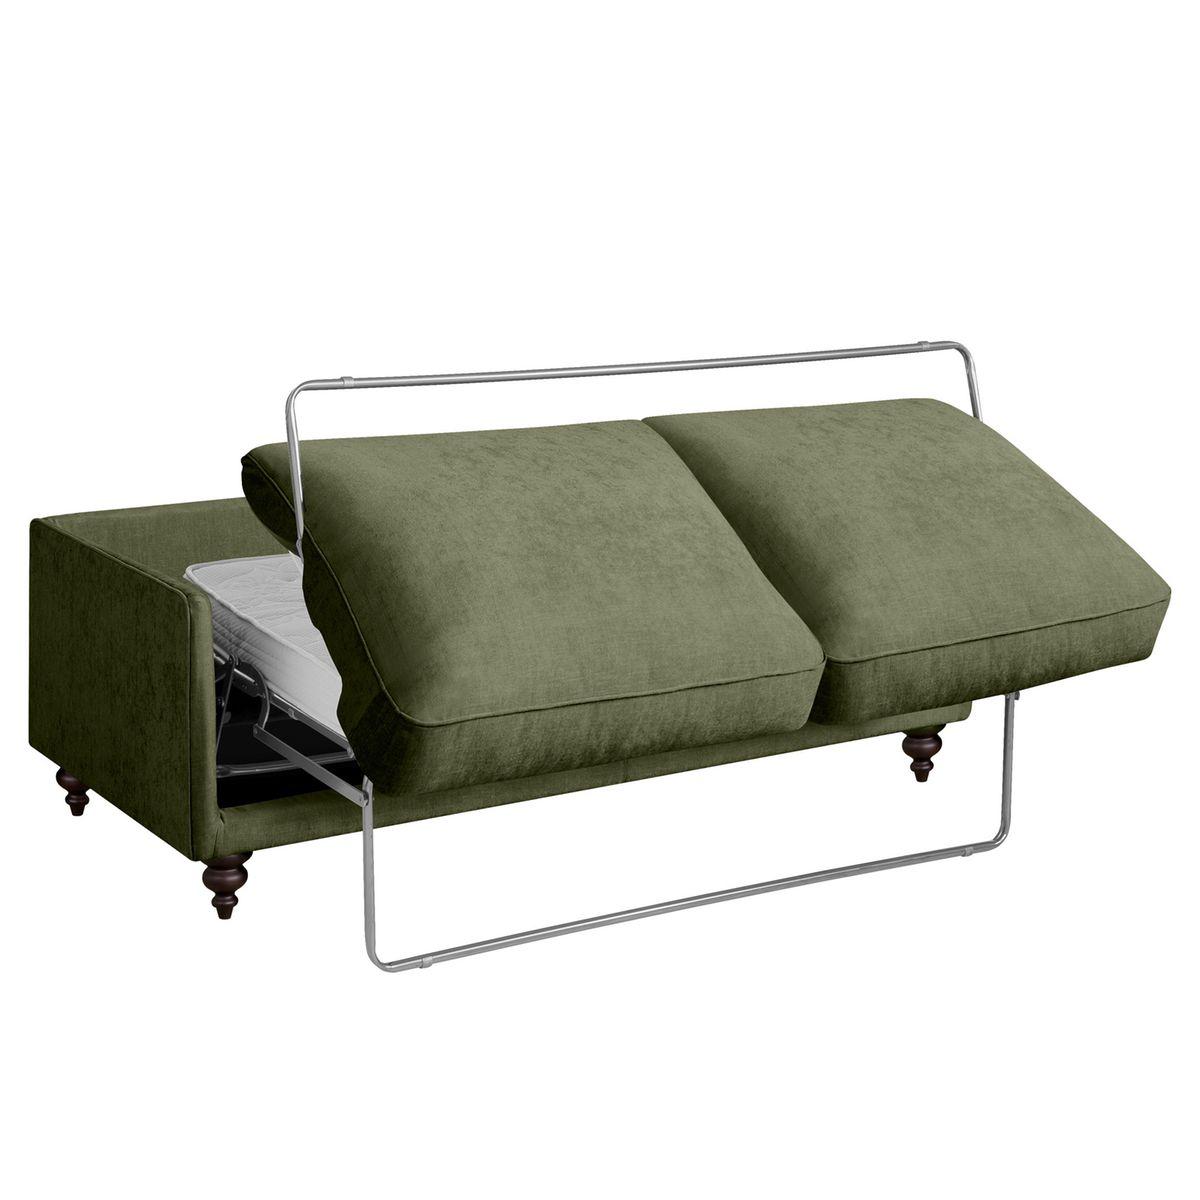 Canapé convertible pact en lin vert kaki